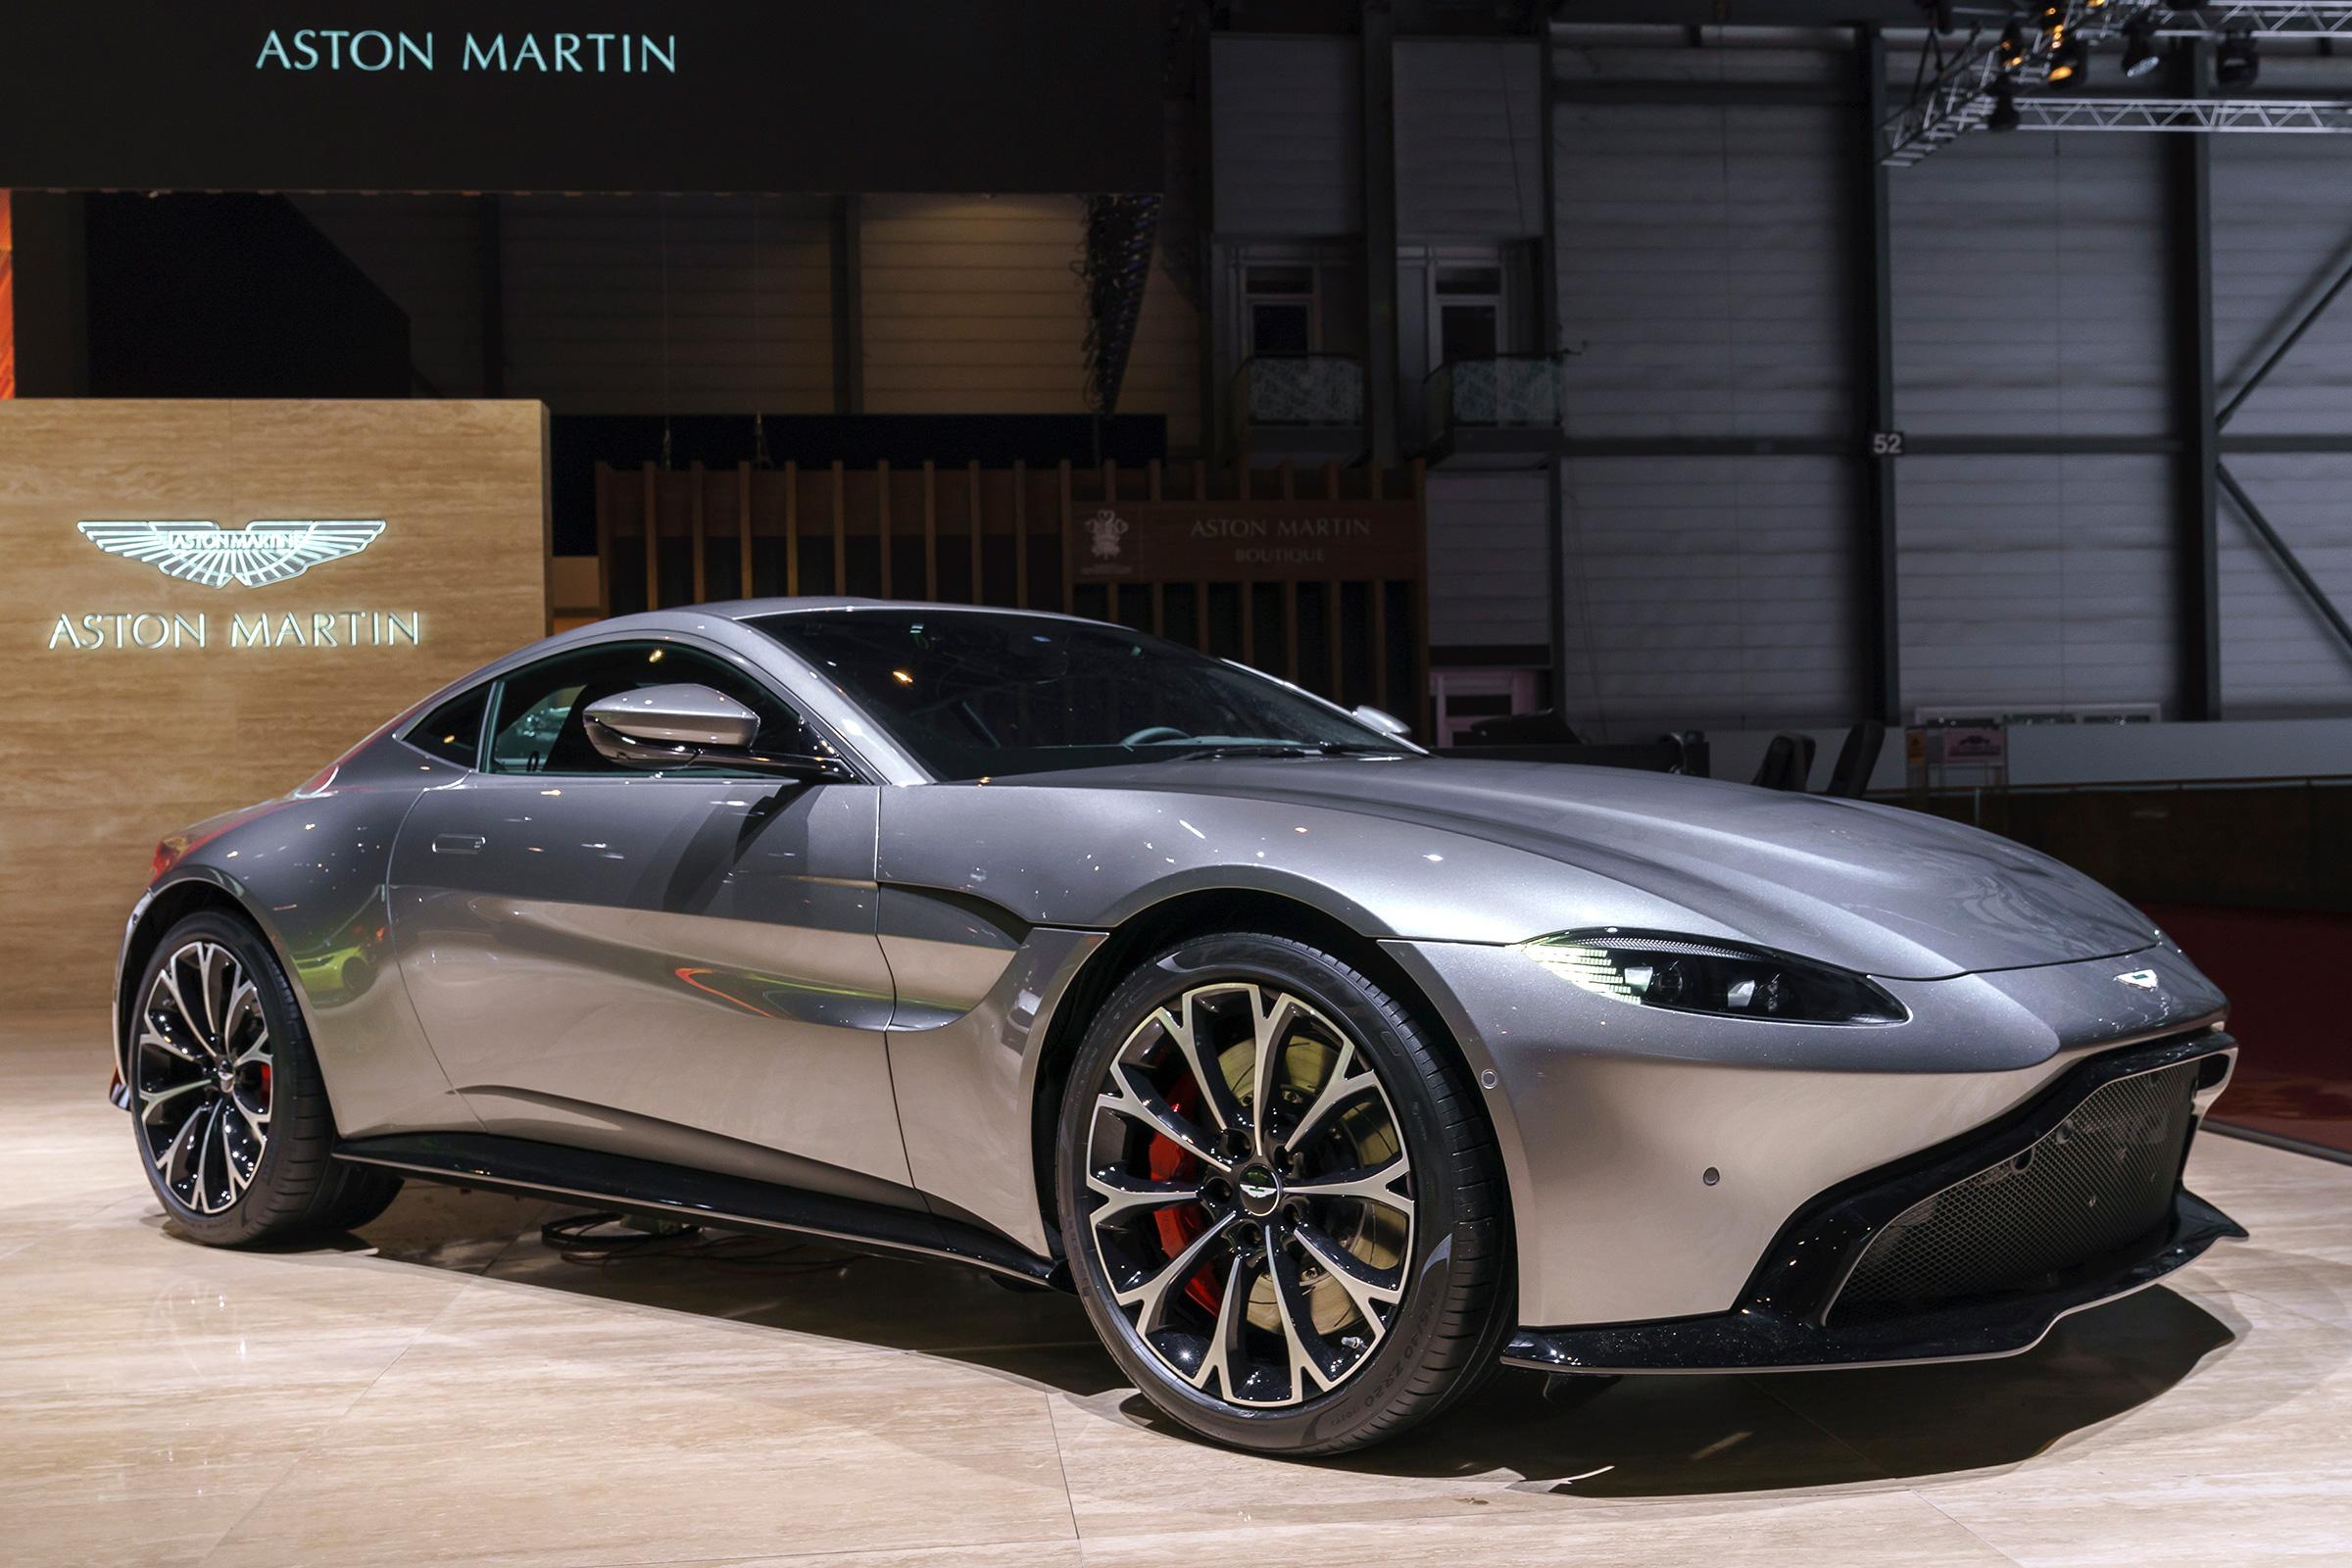 New 2018 Aston Martin Vantage Makes Geneva Debut Auto Express